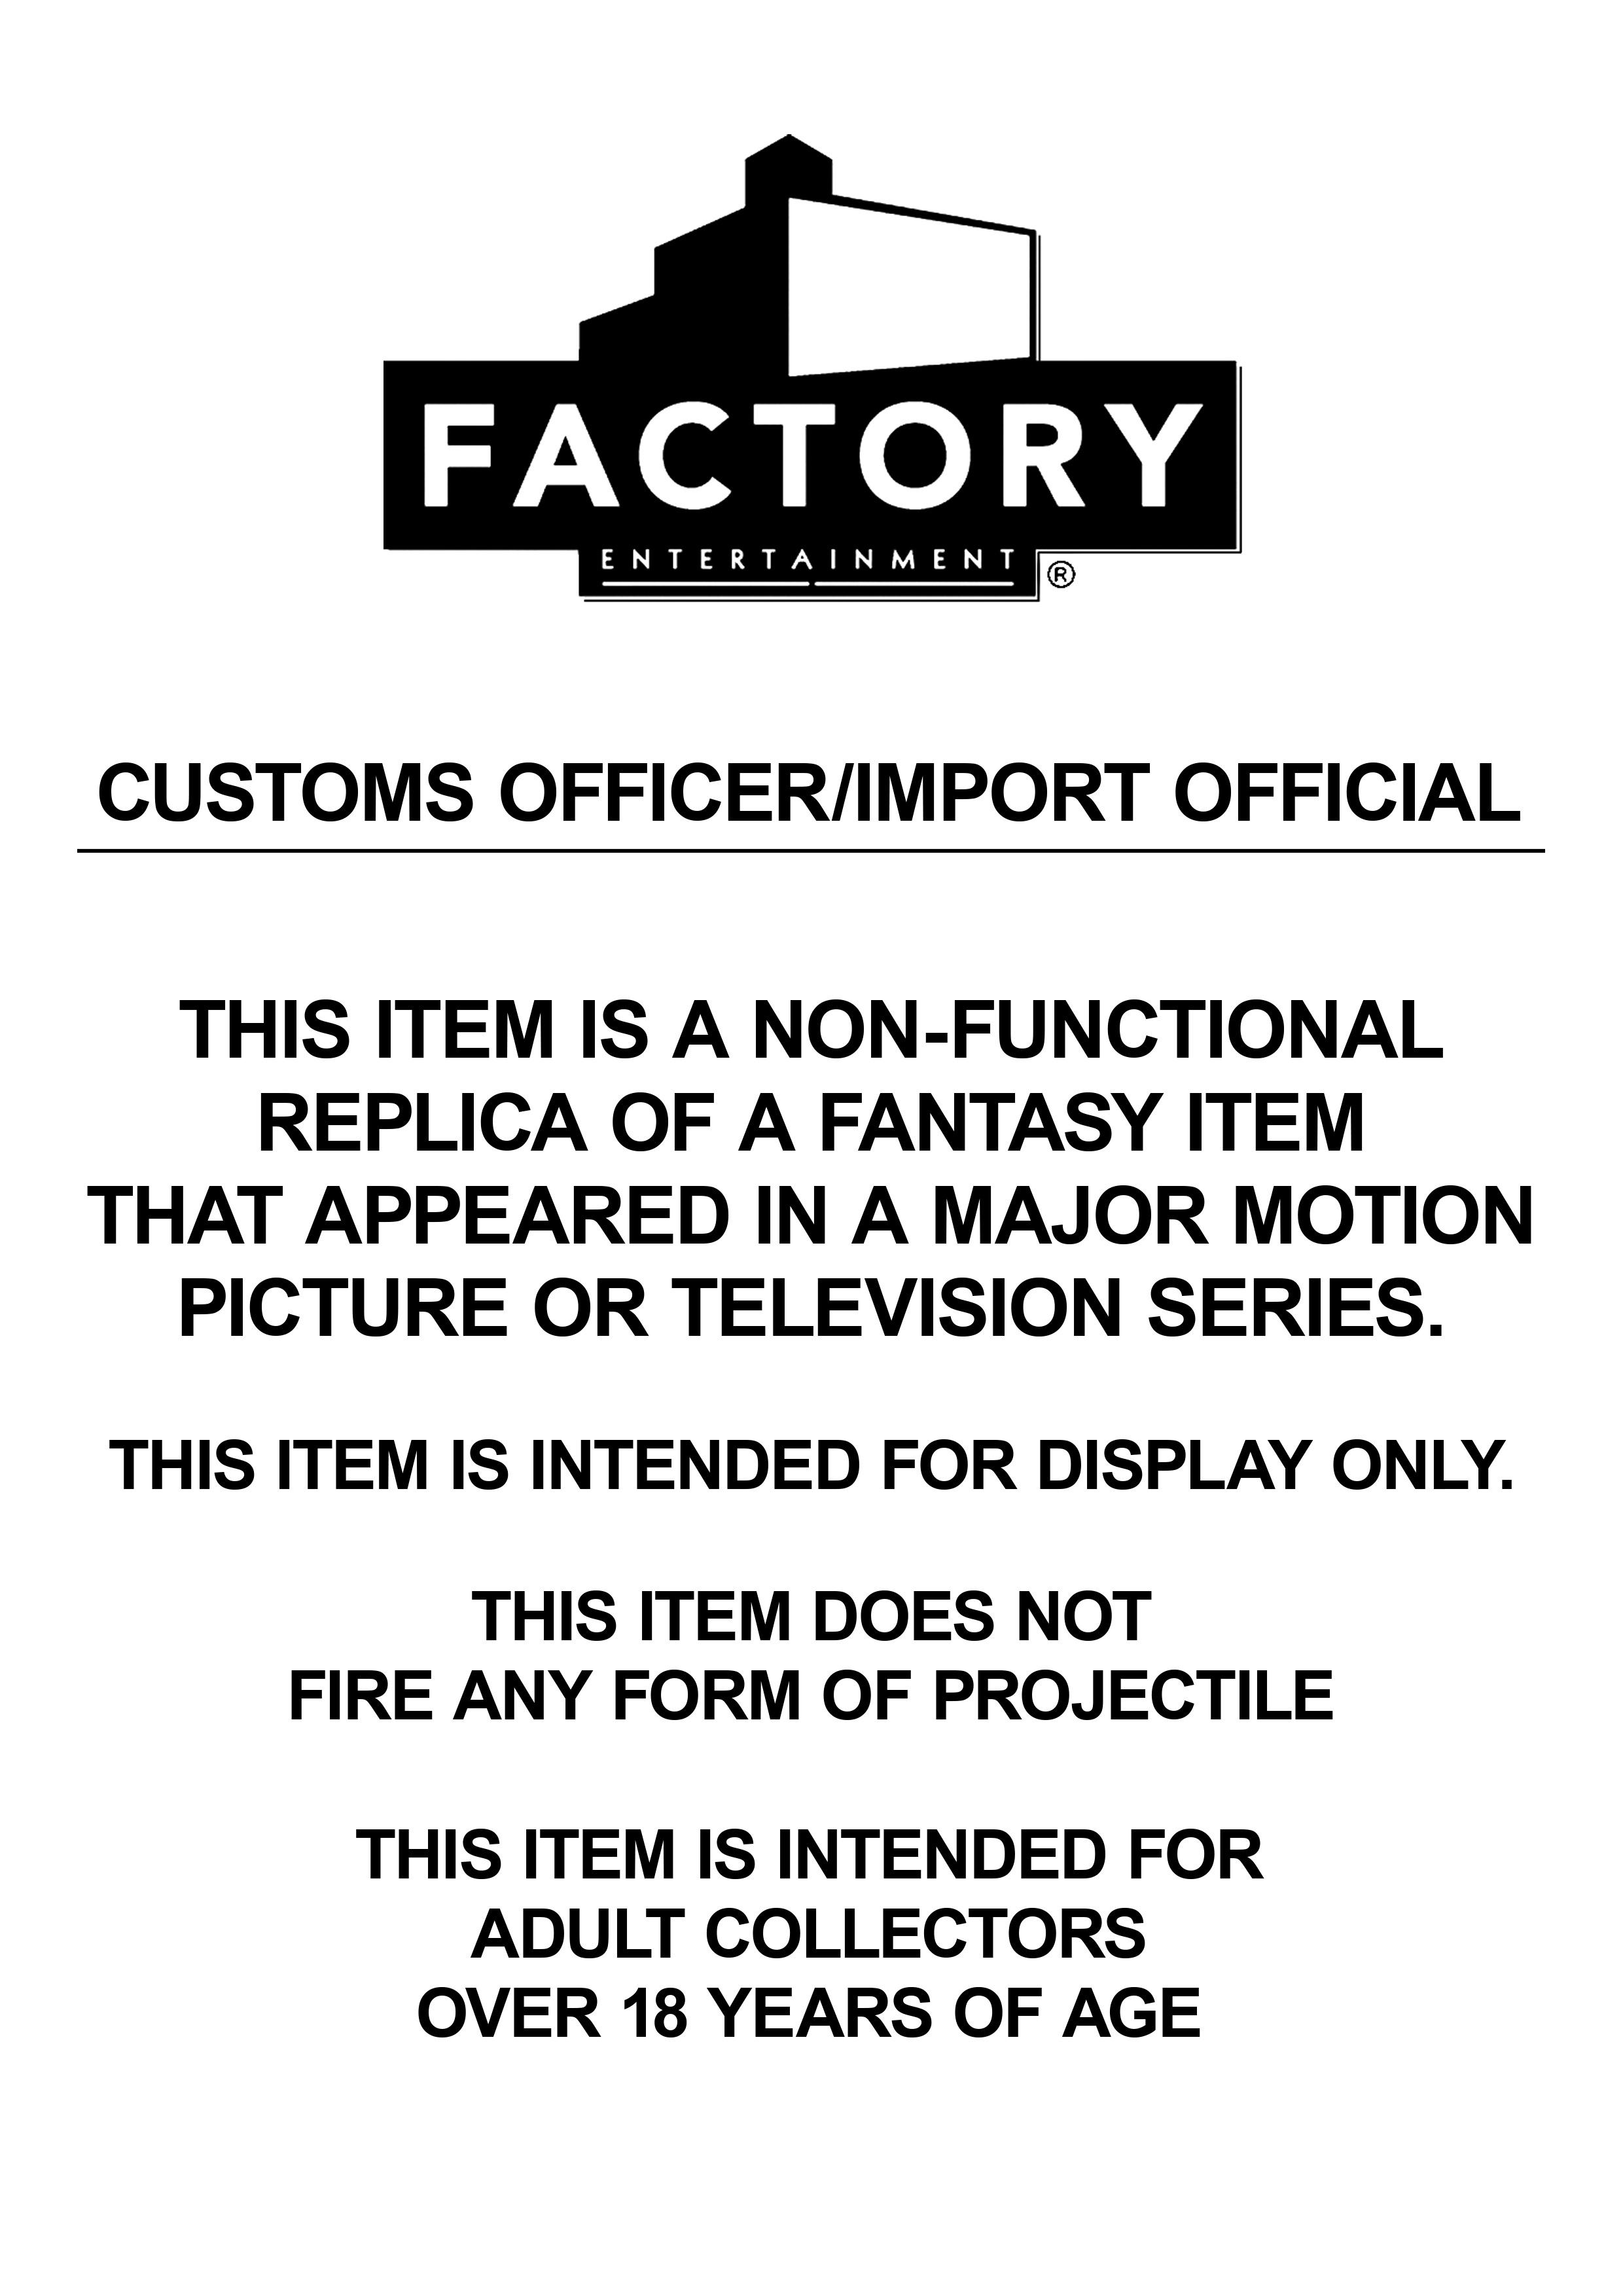 FactorySign2.jpg